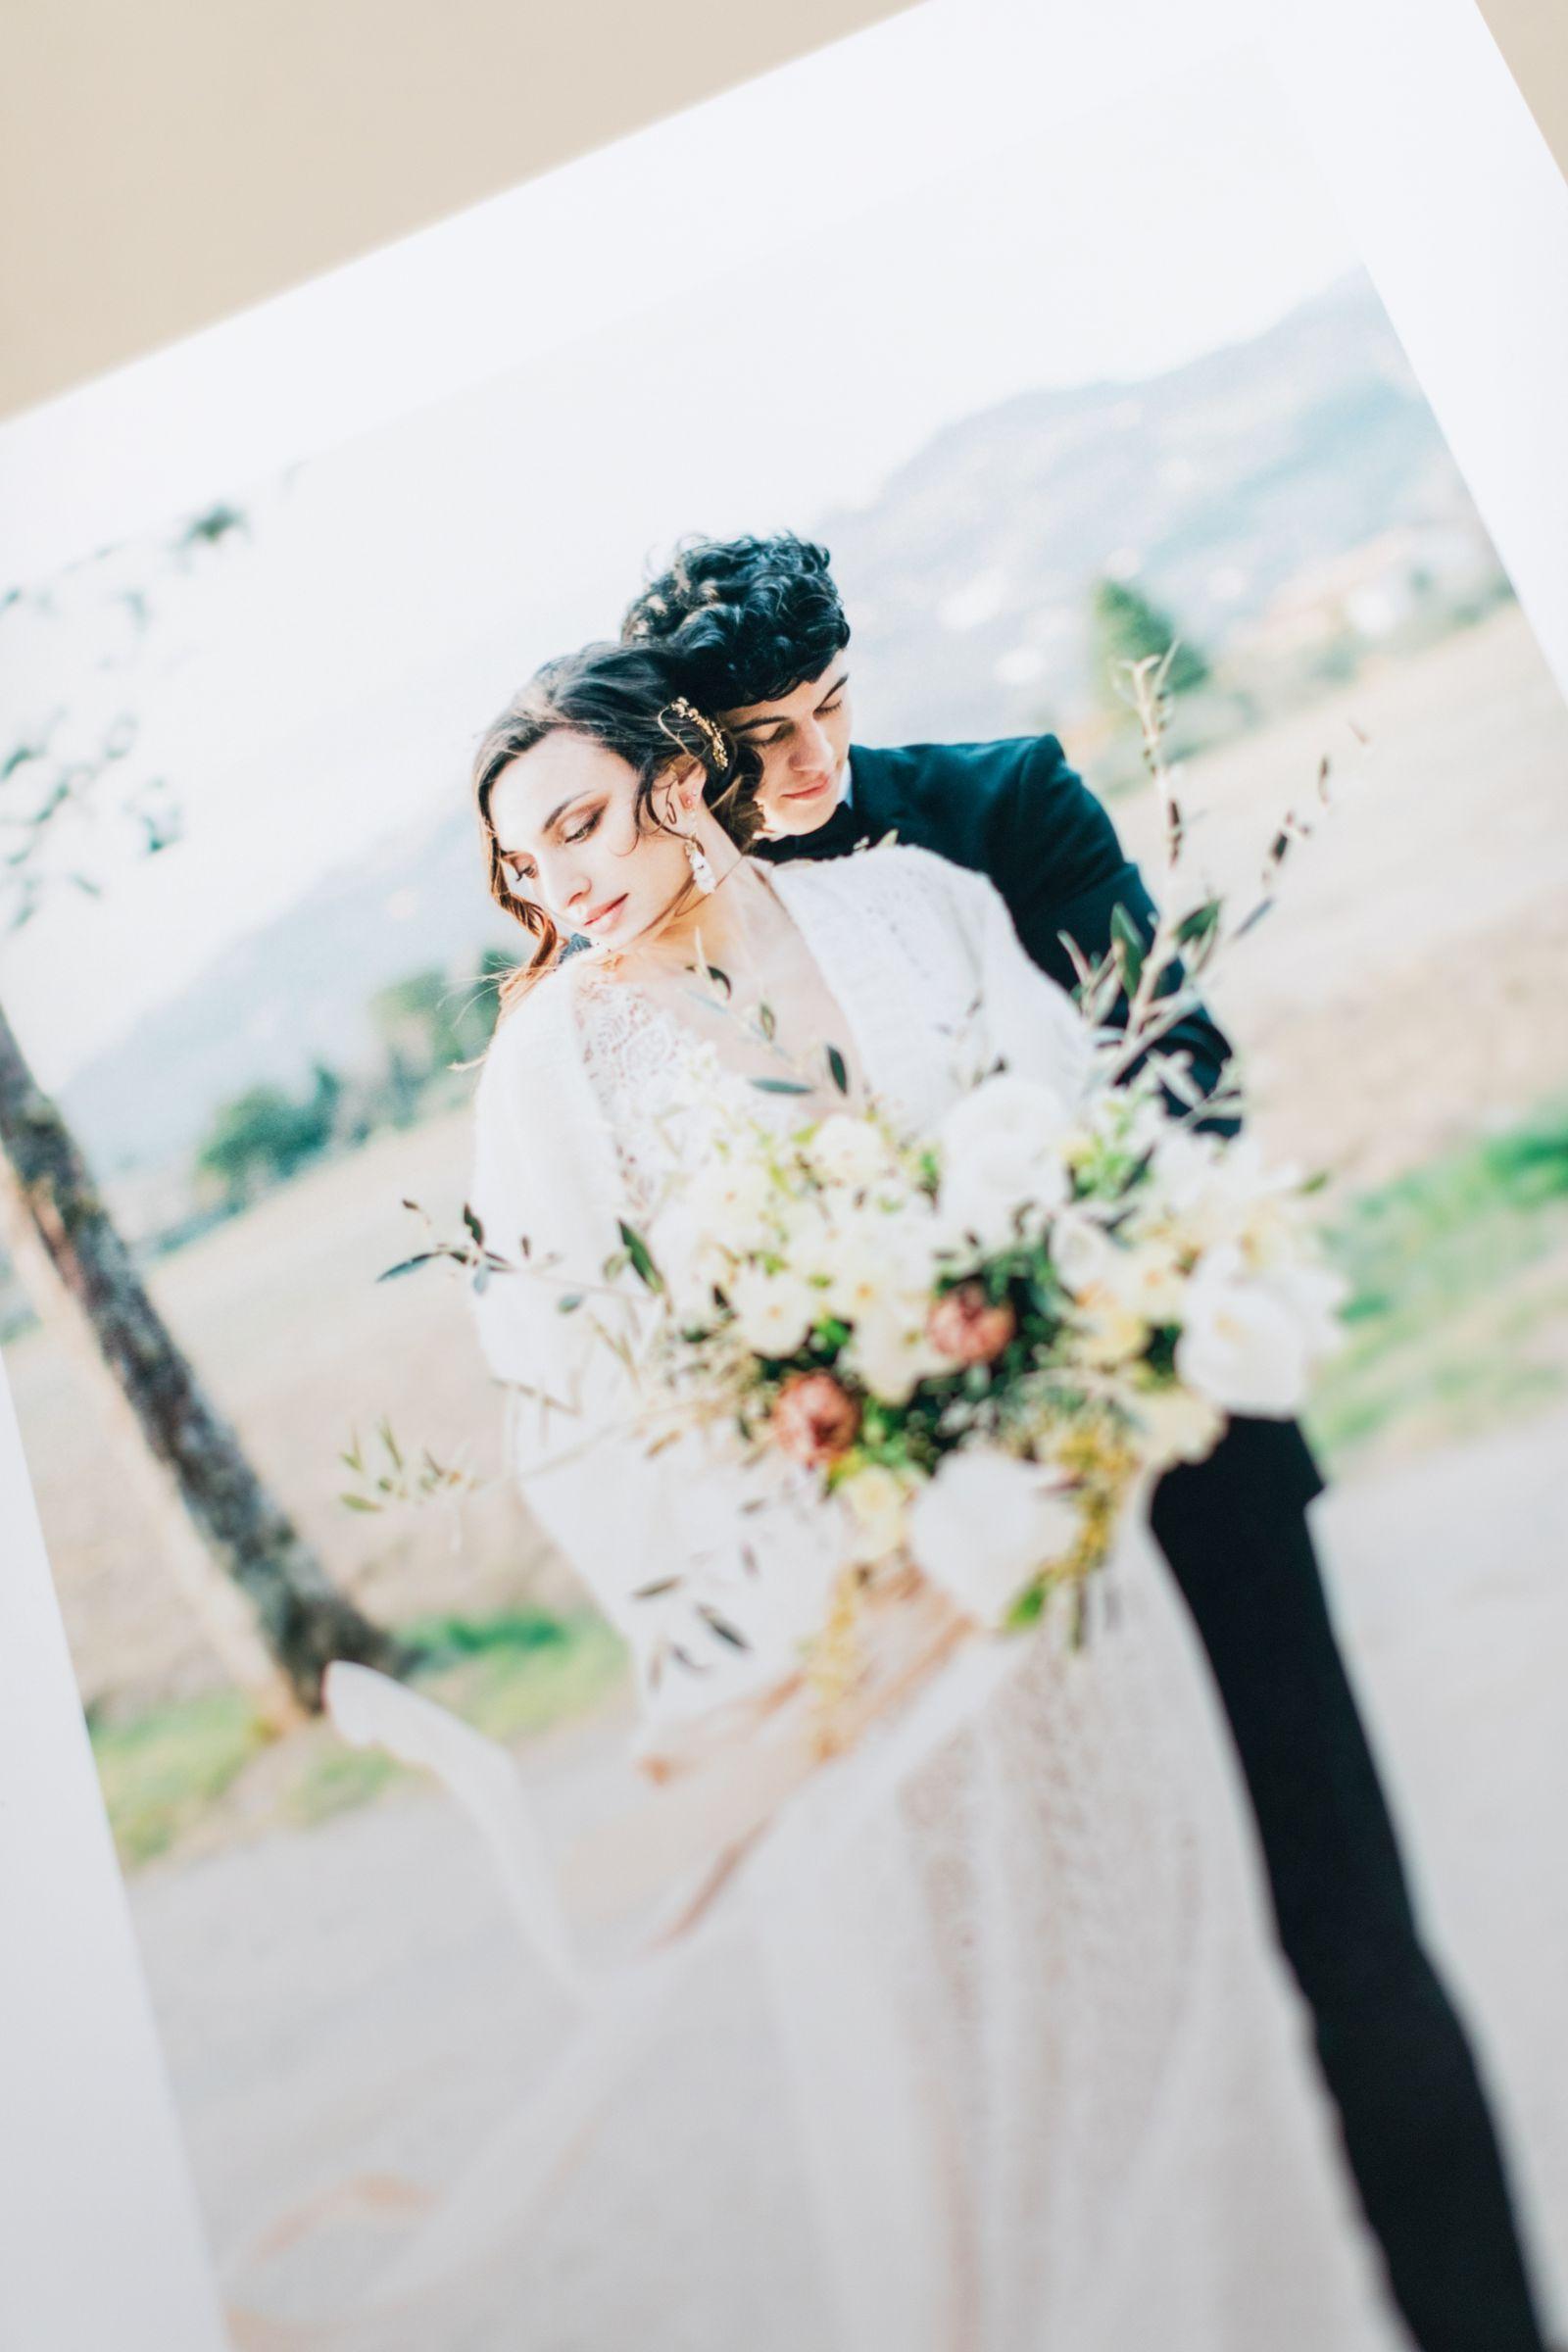 Ewigmein-Fine-Art-Hochzeitsfotografie-Hochzeitsalbum-edel-goldene-prägung-hochwertig-leinenstoff_5467